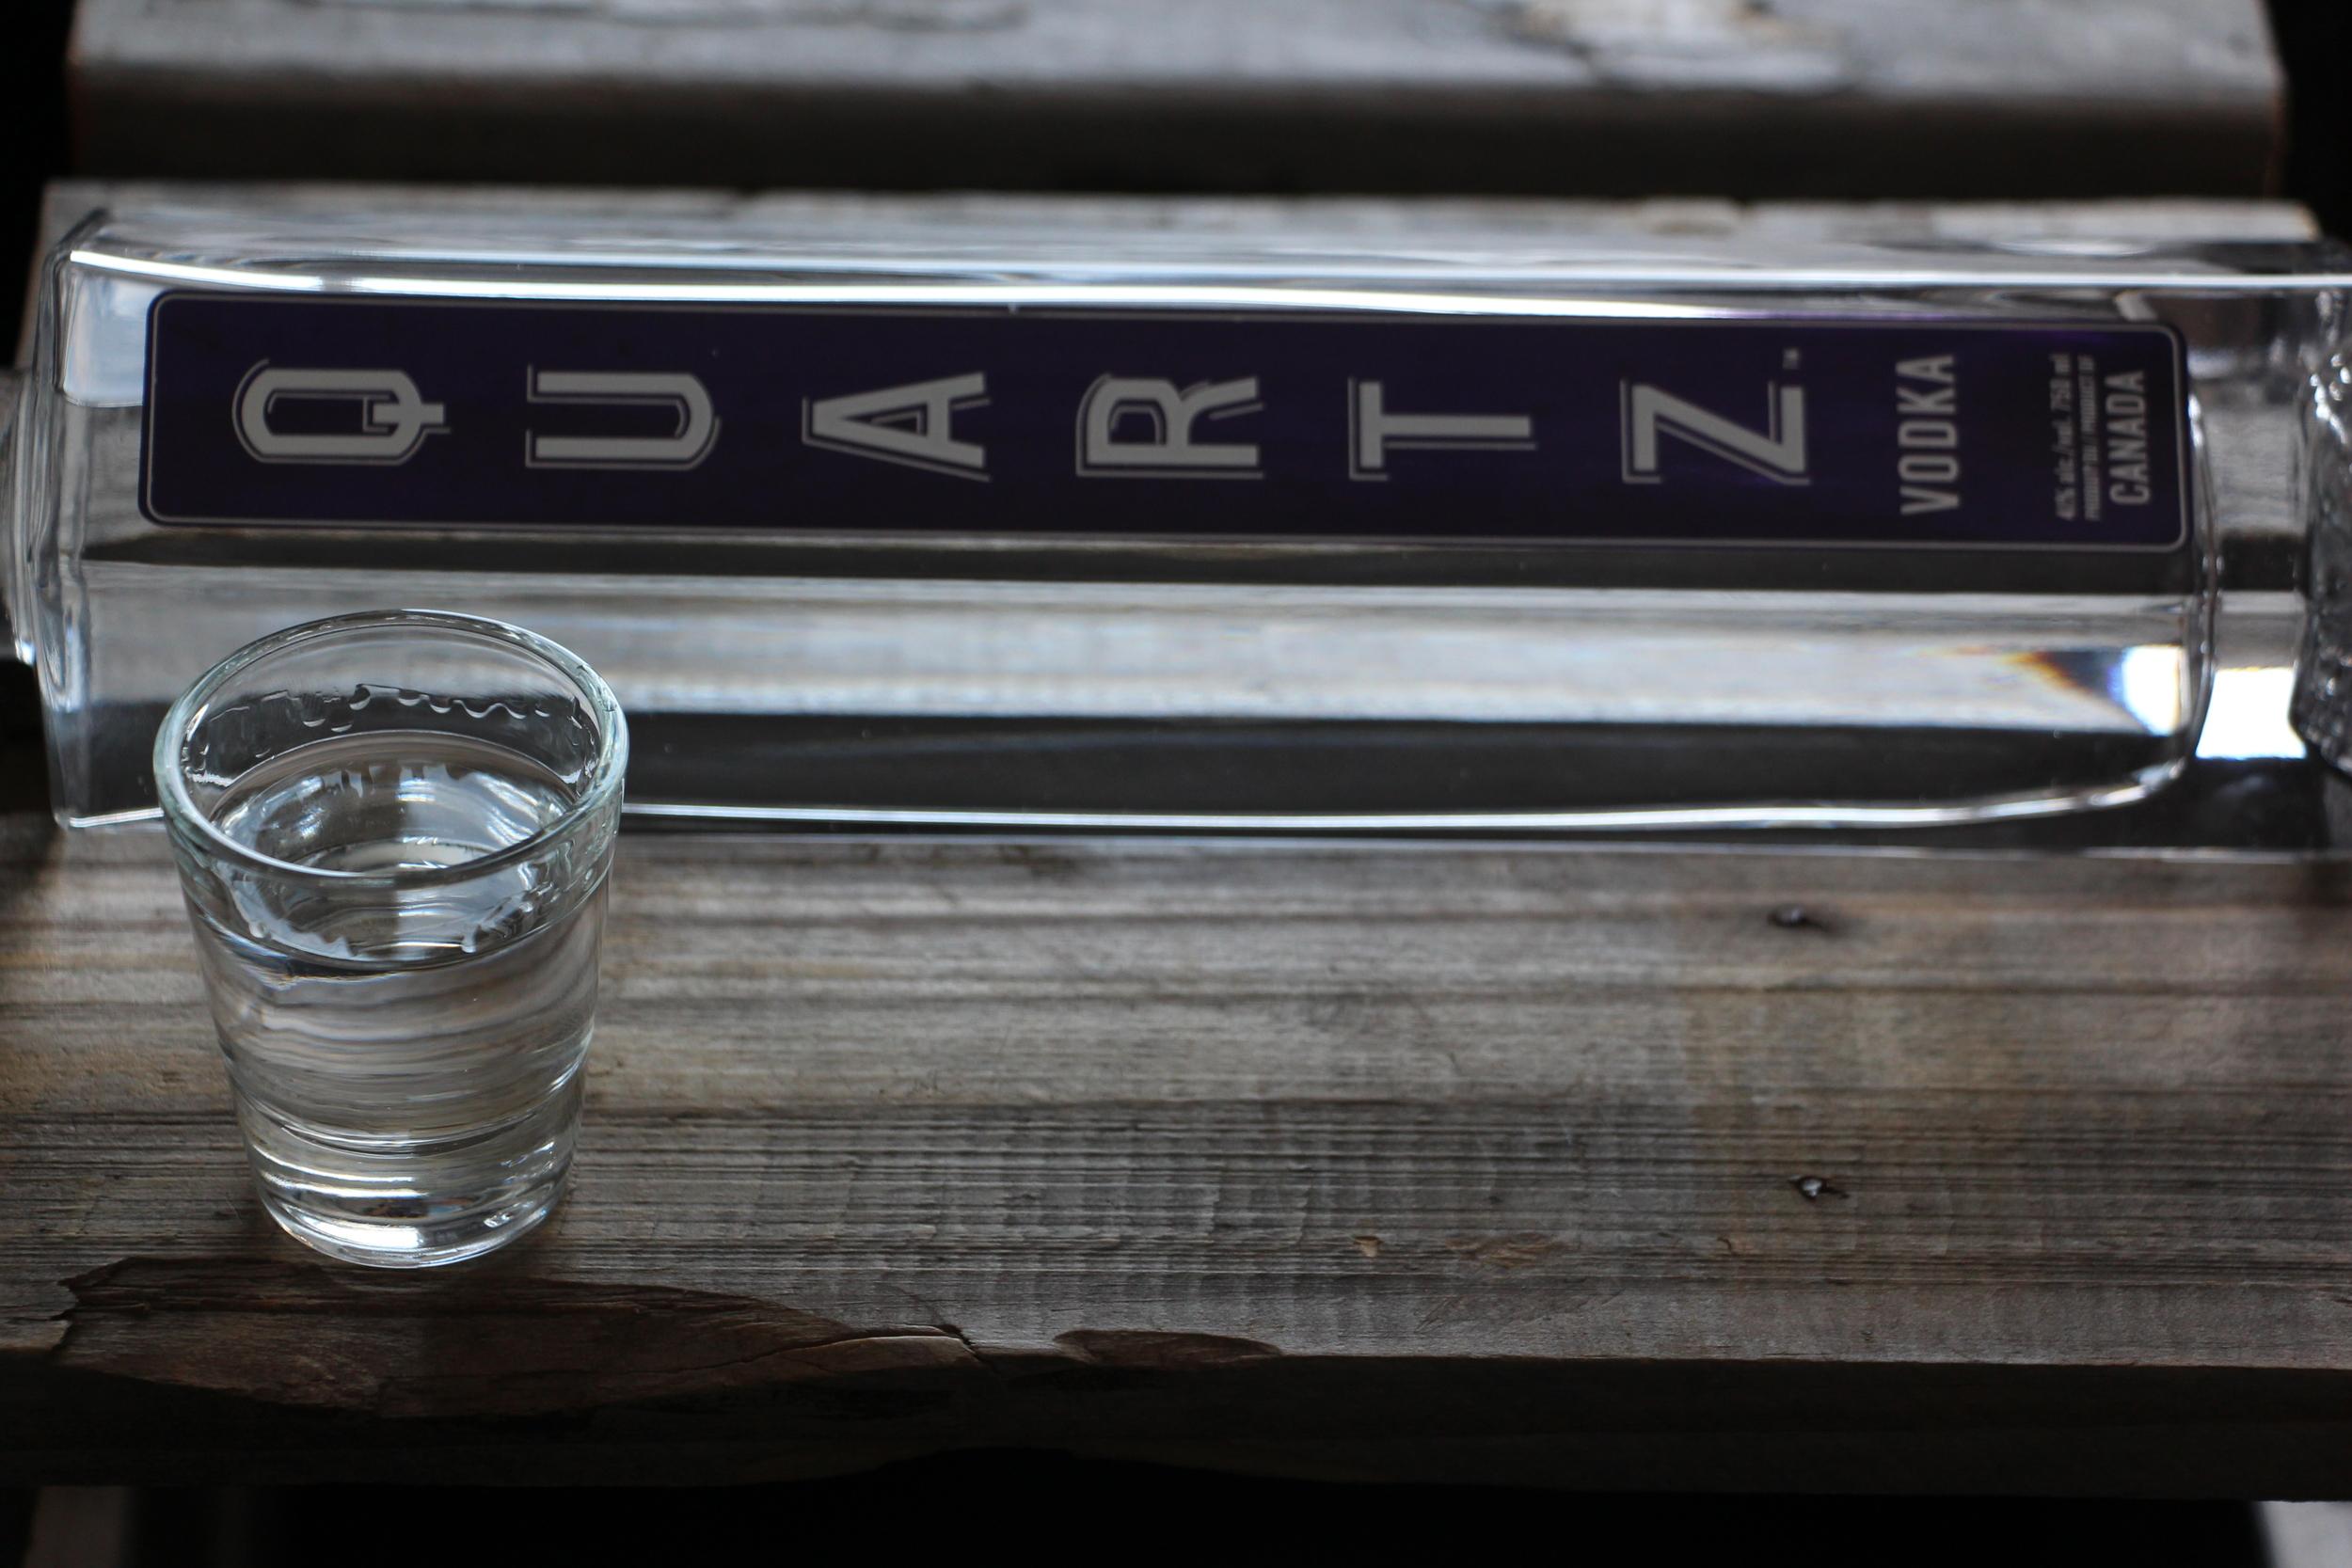 Quartz vodka québécoise